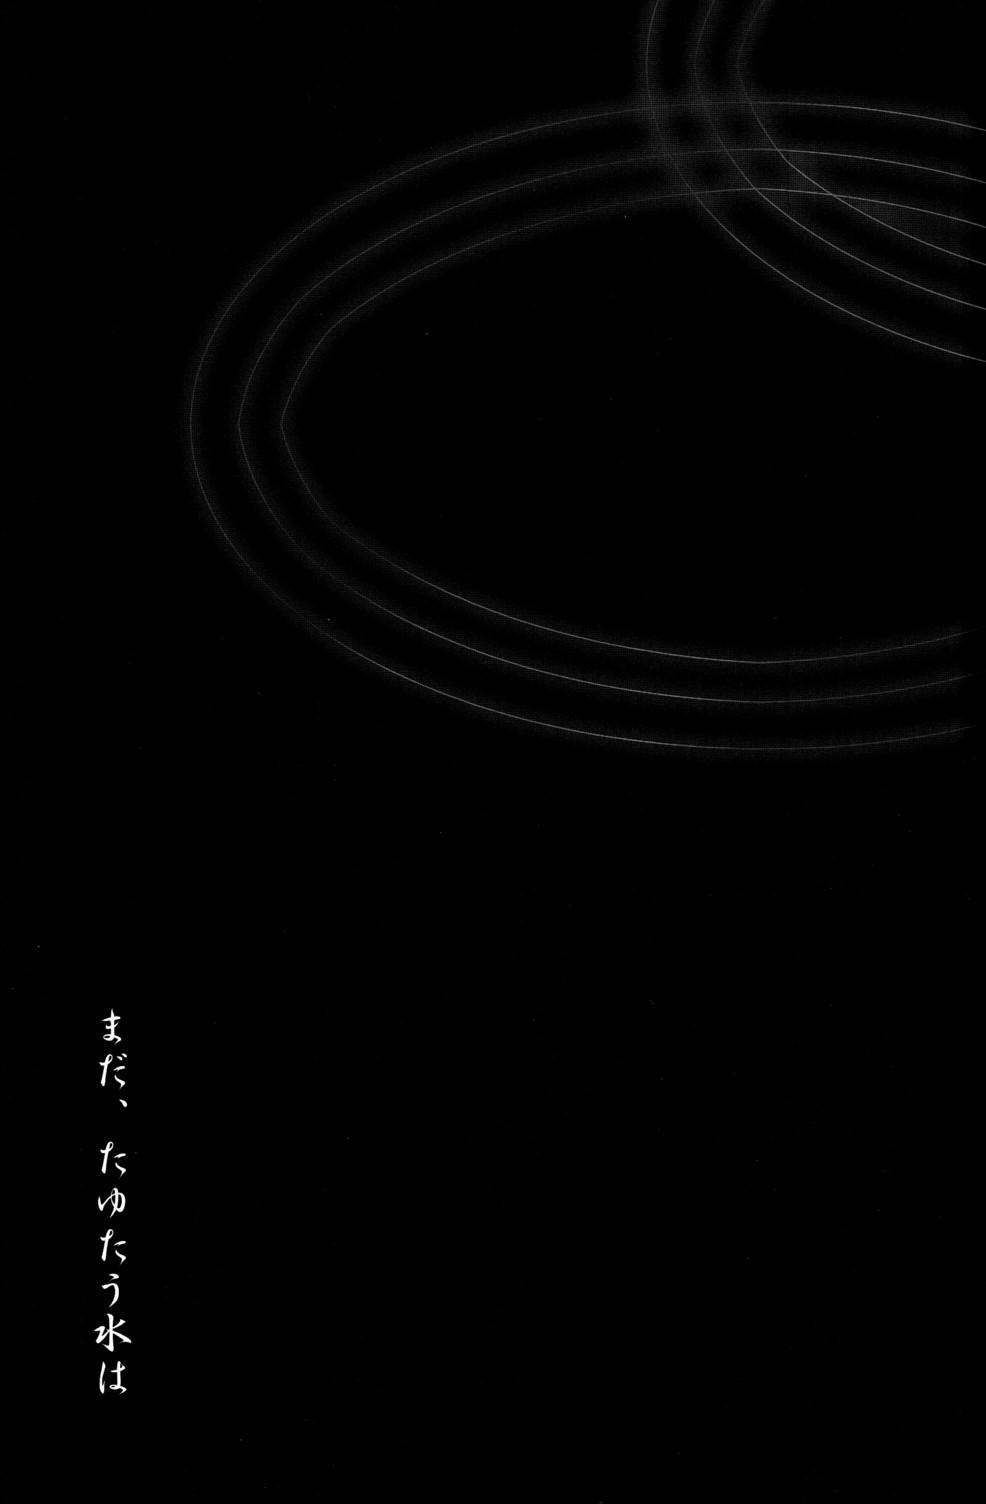 Tsukumo Gou (BOX) - Mada Tayutau Mizu ha 2